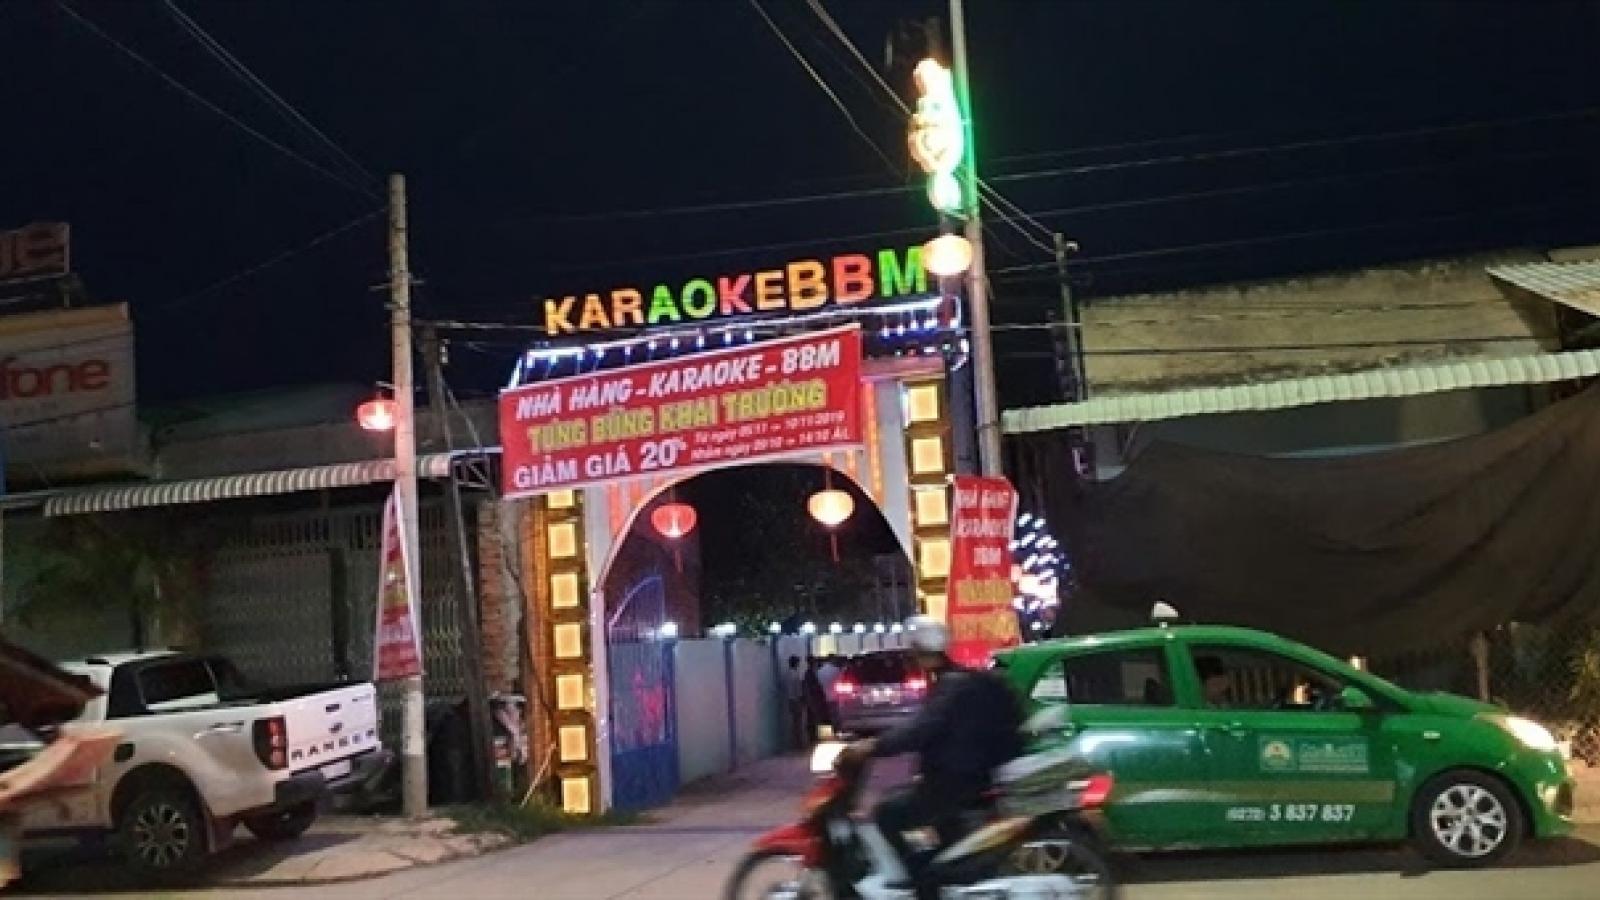 18 nam nữ 'phê' ma túy trong quán karaoke bất chấp dịch COVID-19 ở Long An